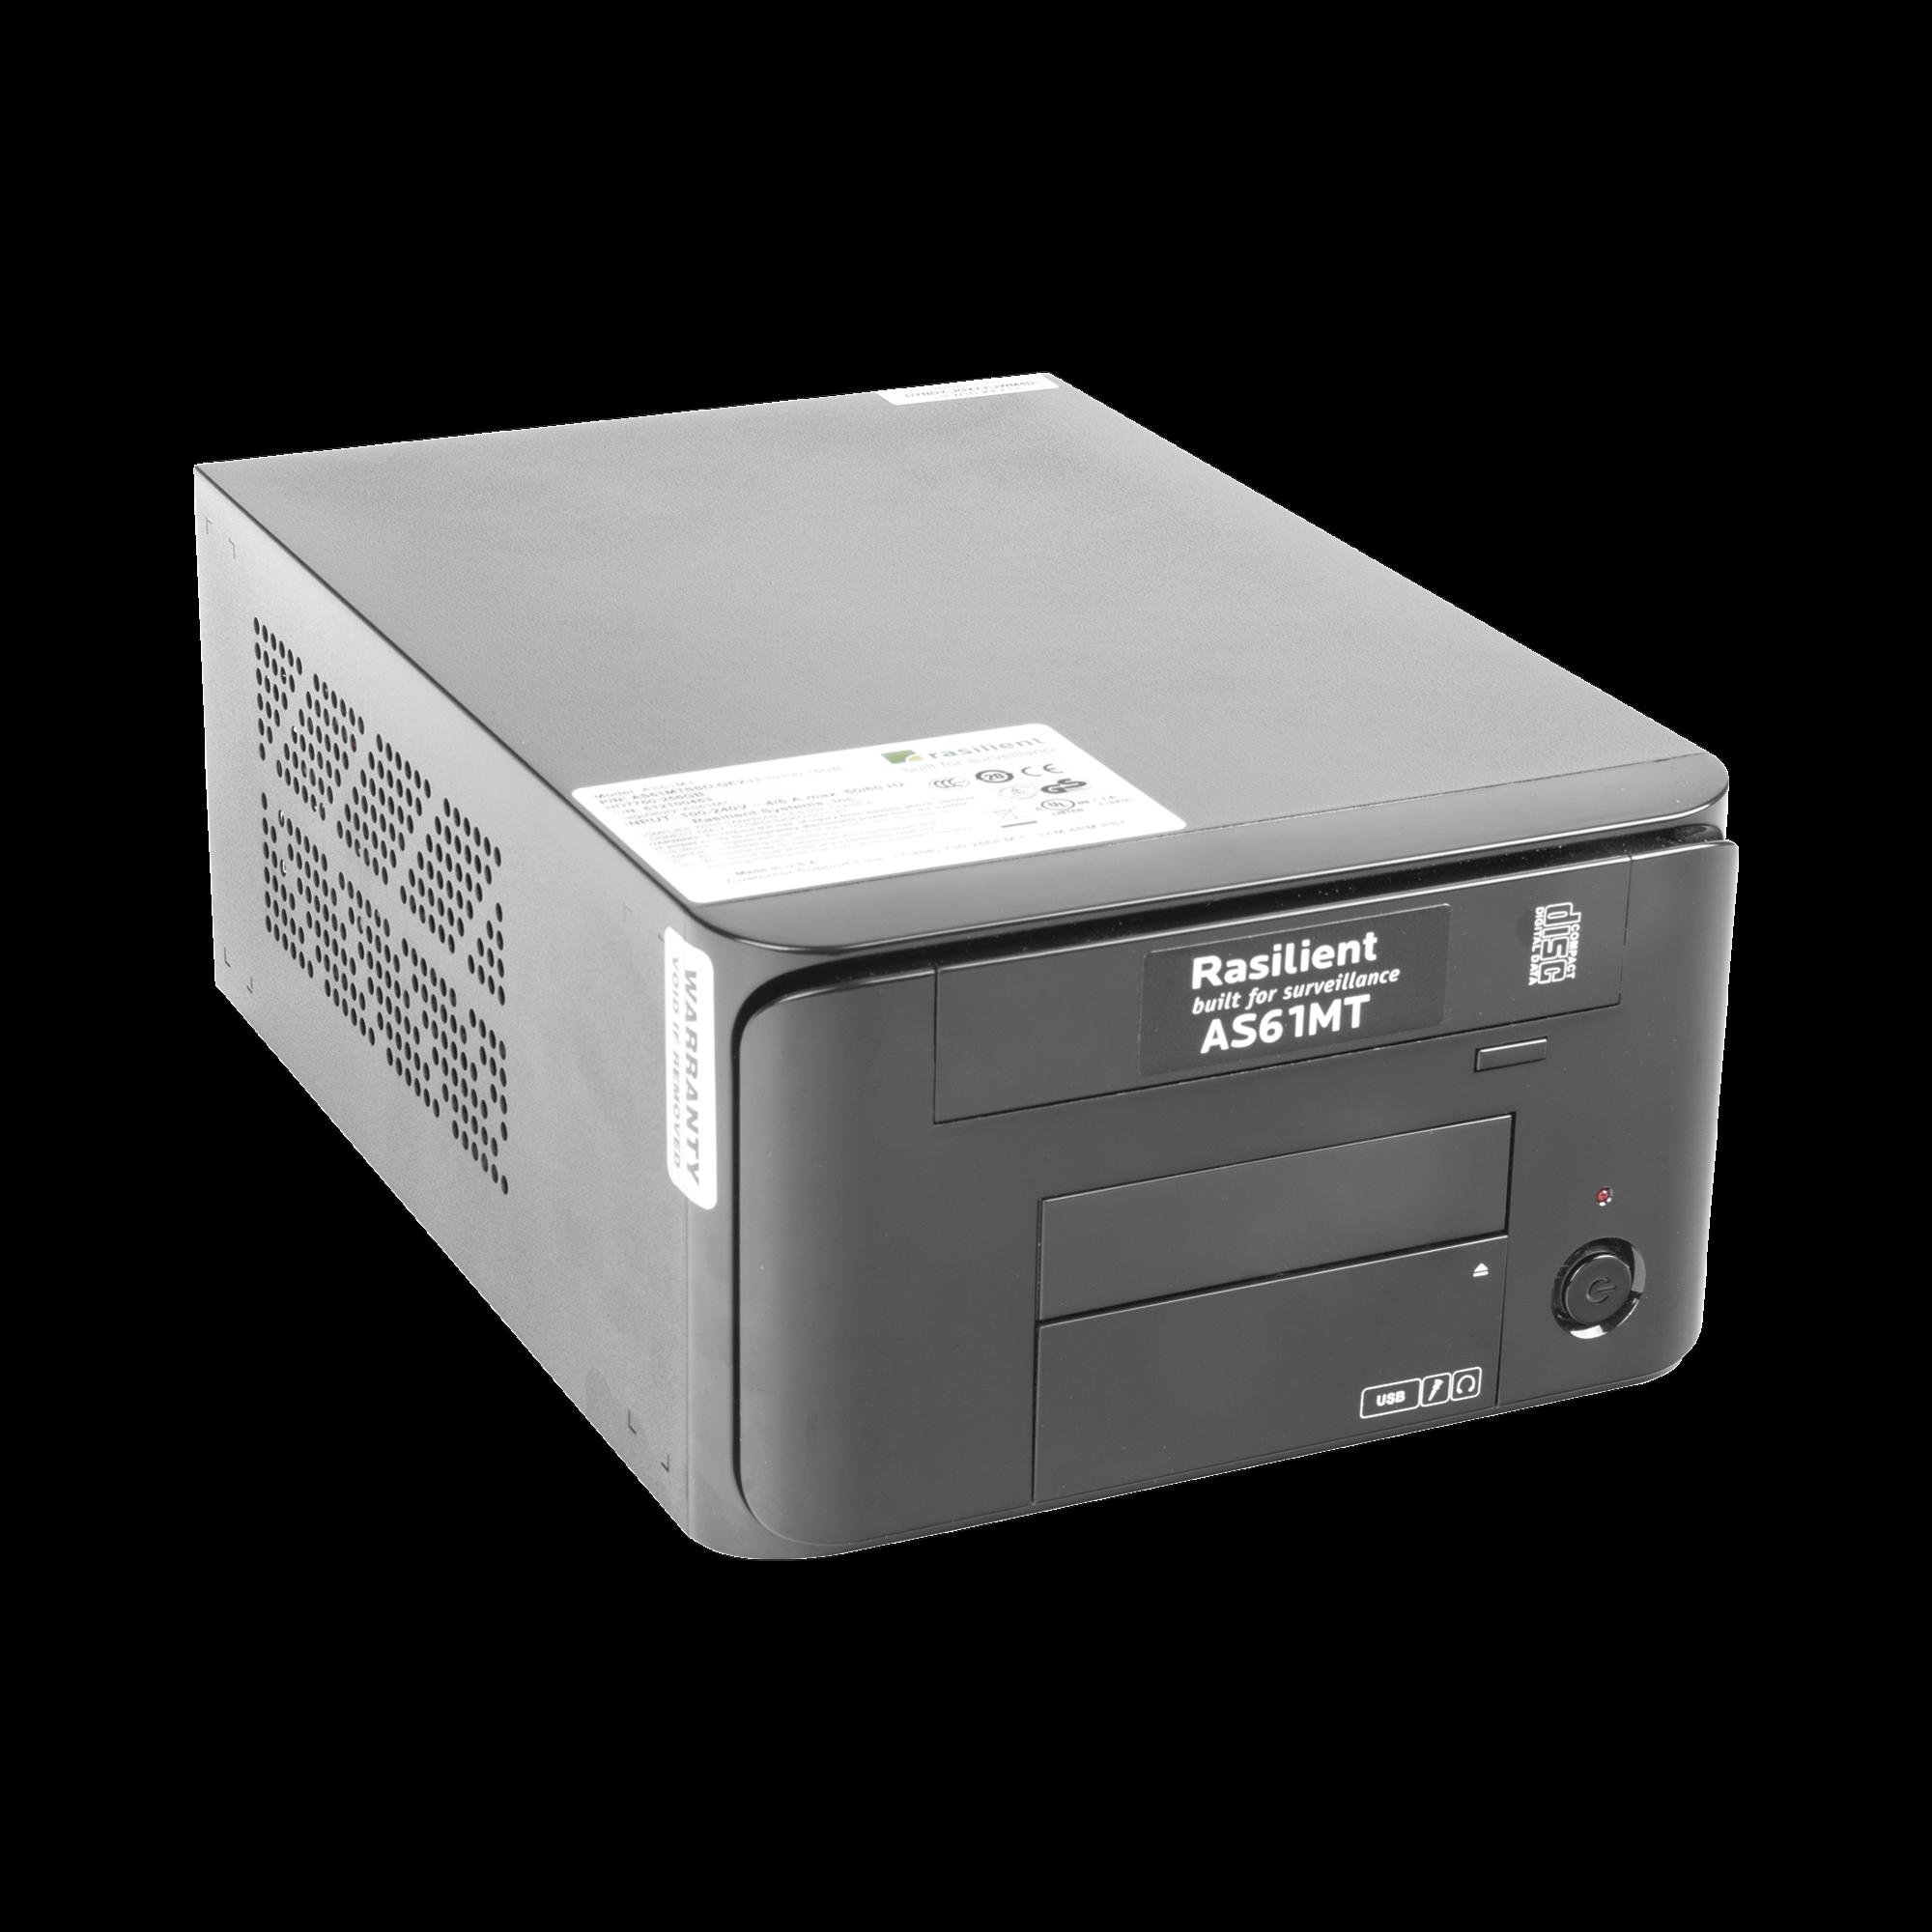 Estación de Trabajo para Visualización FullHD / Grabación Videovigilancia, Alto Desempeño, 3 Años de Garantía, 240GB SSD, 16GB RAM